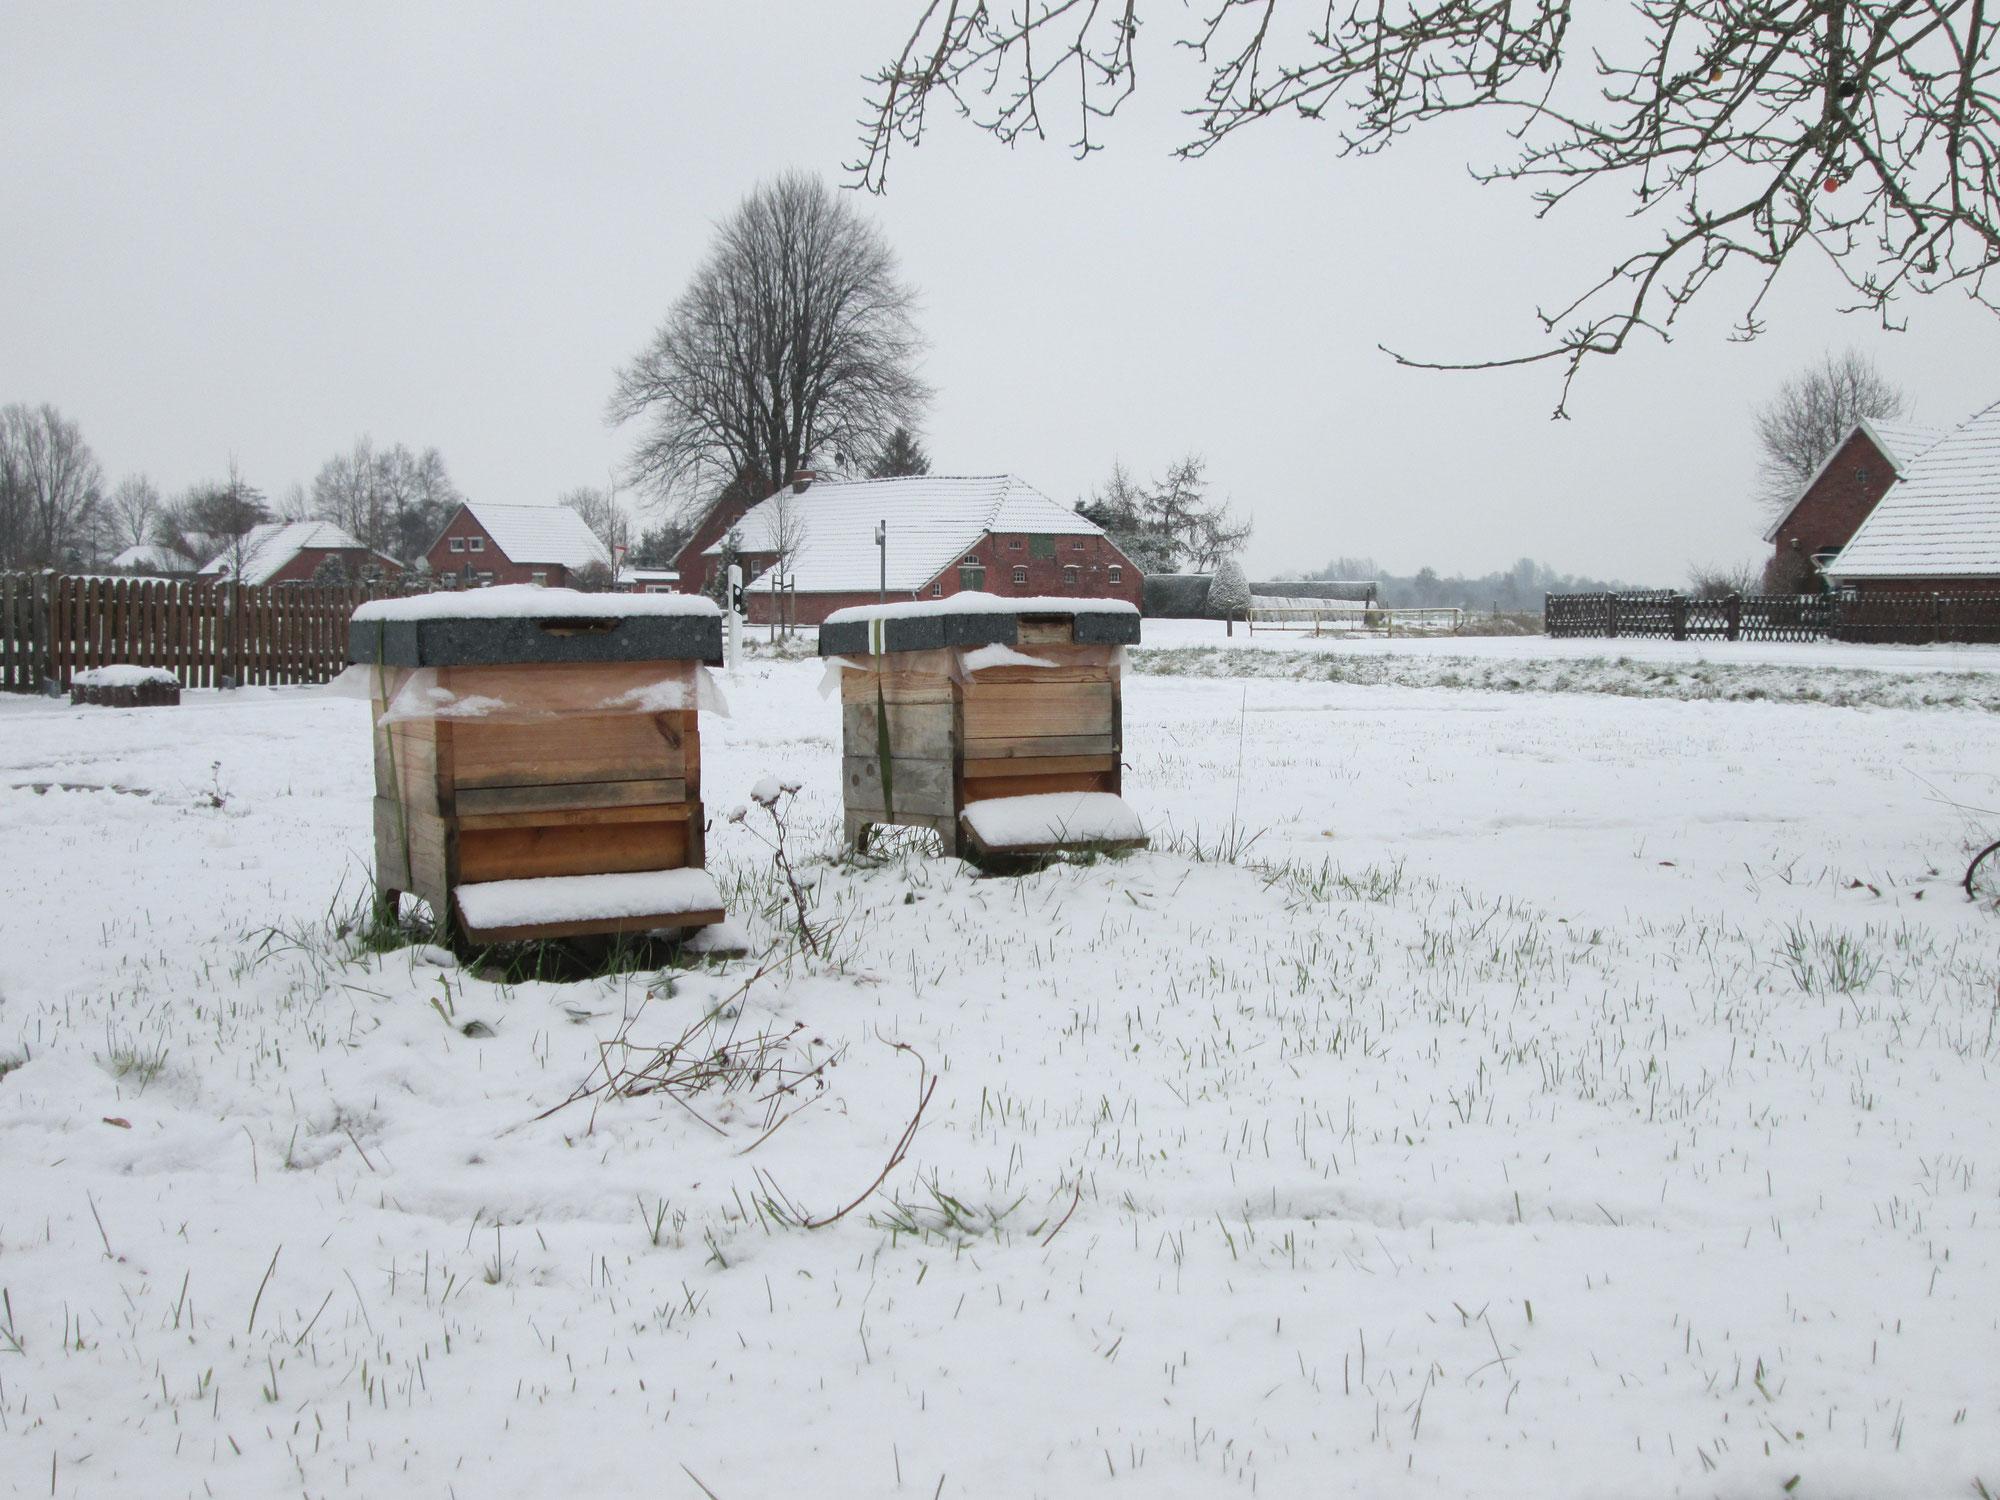 Spuren im Schnee: Bienen vor Fressfeinden schützen!